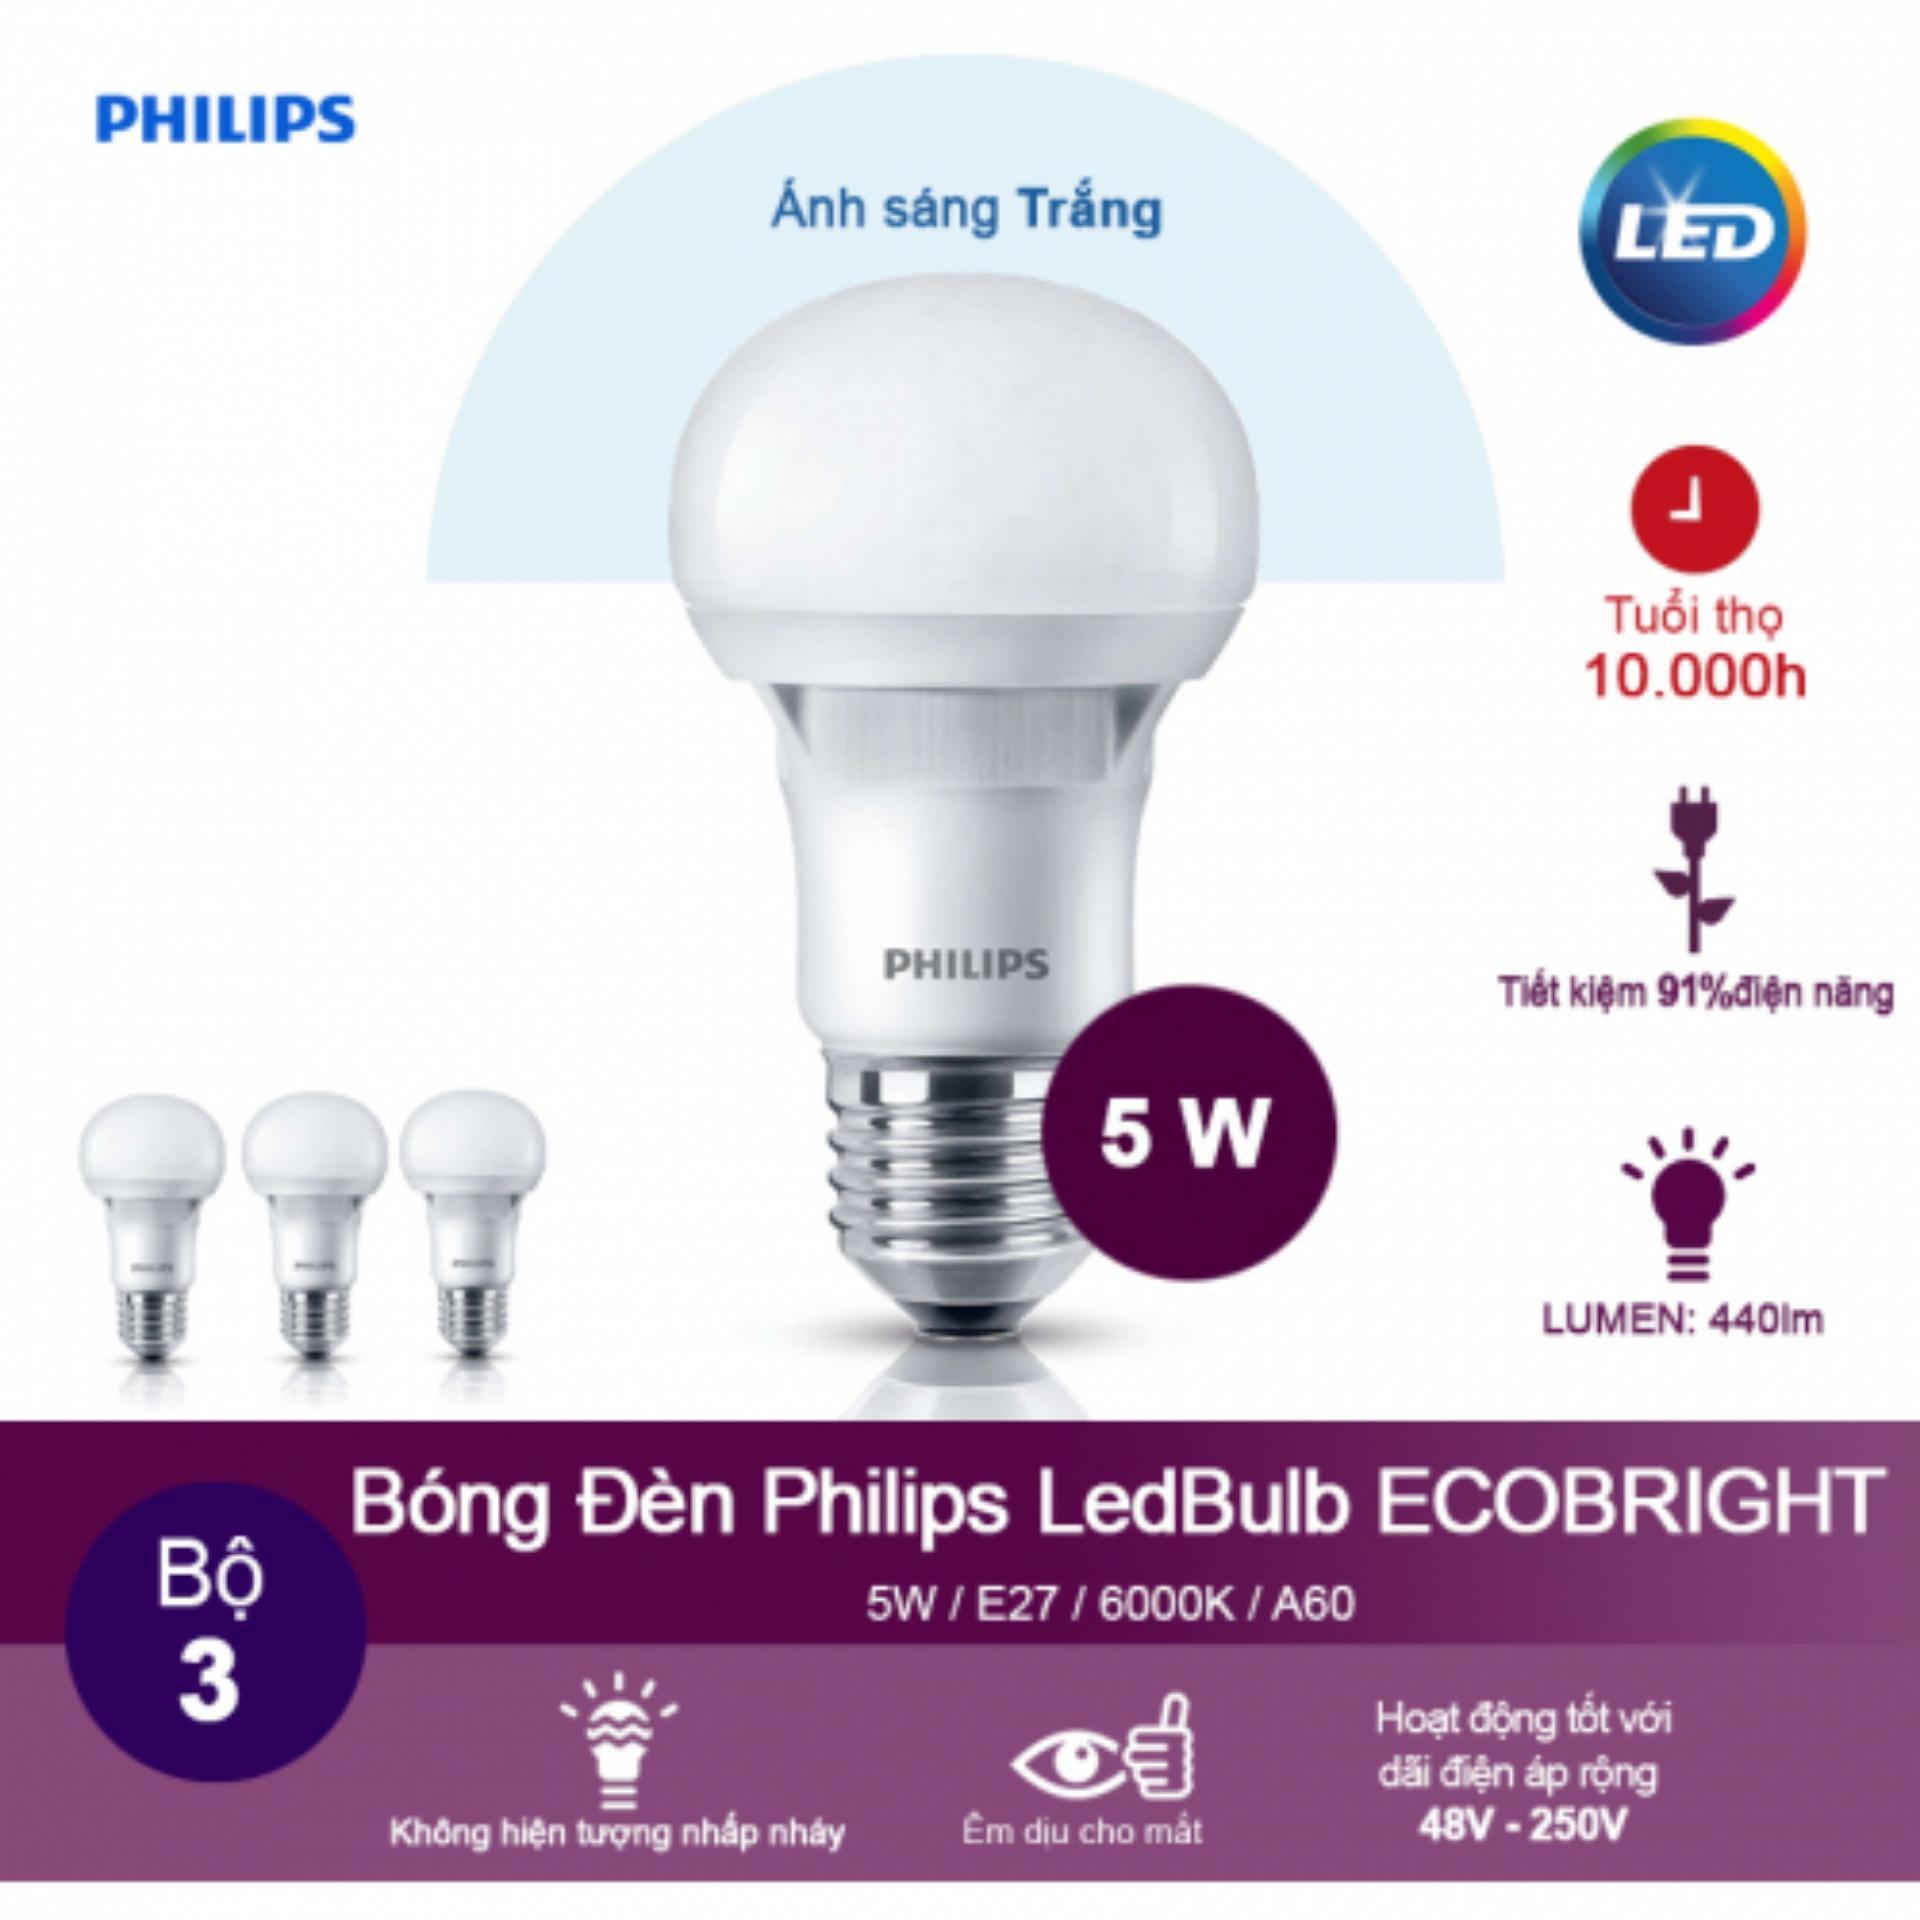 Bộ 3 bóng đèn Philips Ecobright LEDBulb 5-60W E27 6500K A60 (Ánh sáng trắng)